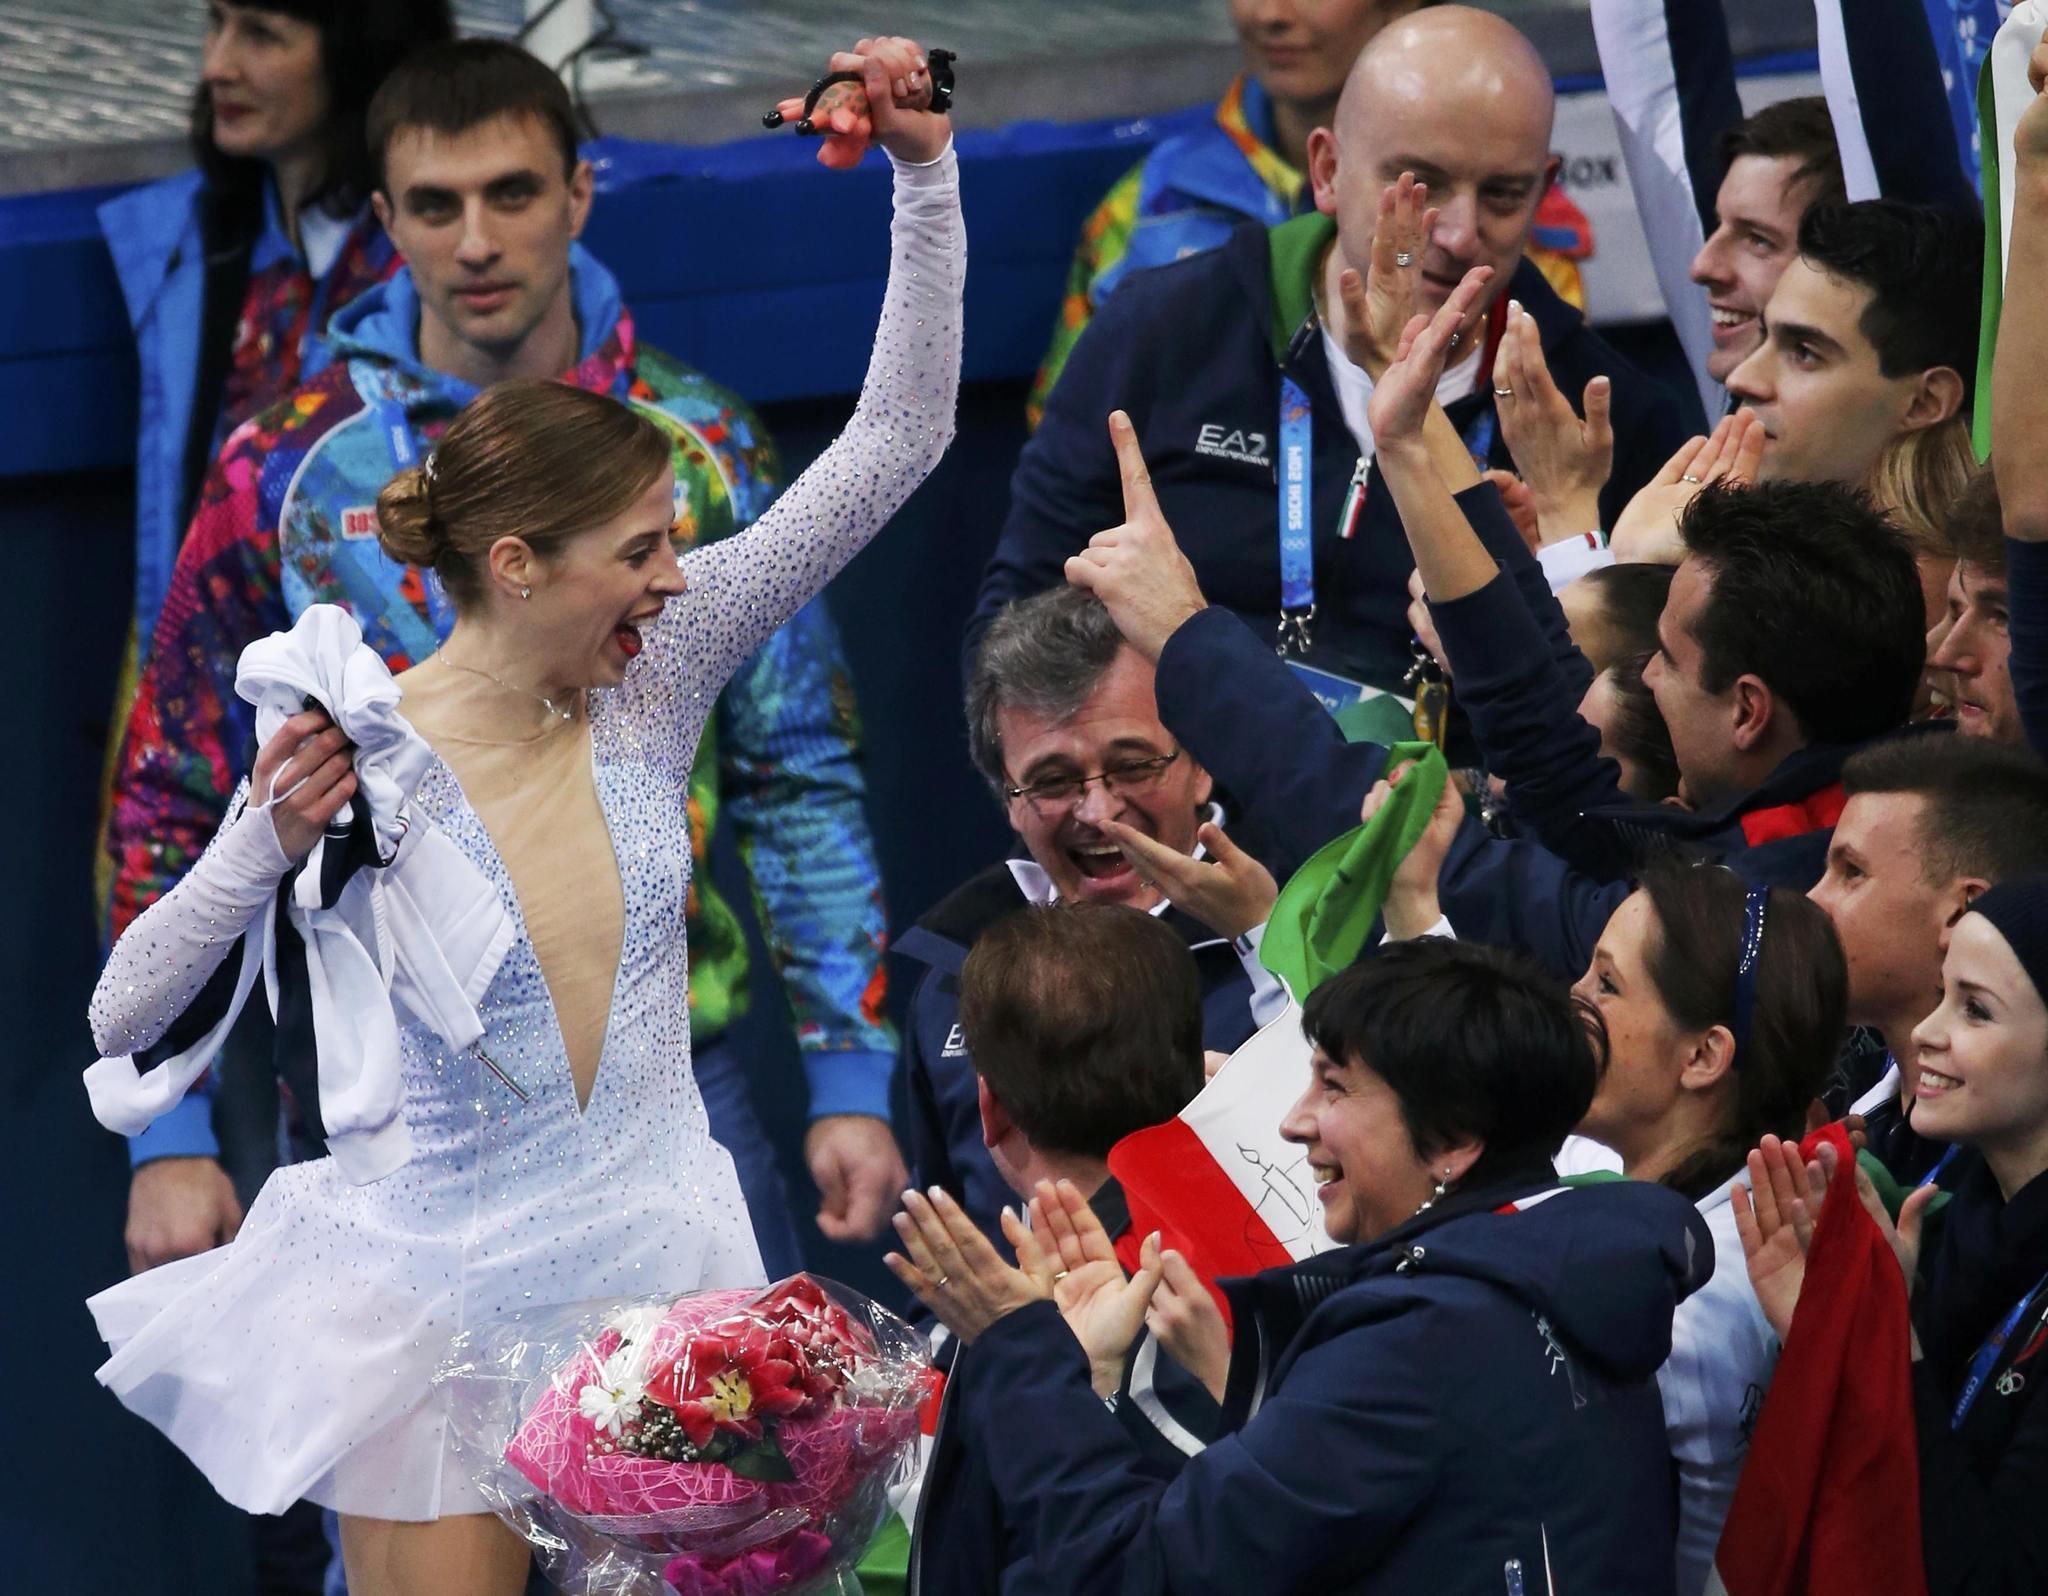 Carolina Kostner (white dress) exults after her strong skate in team event short program.